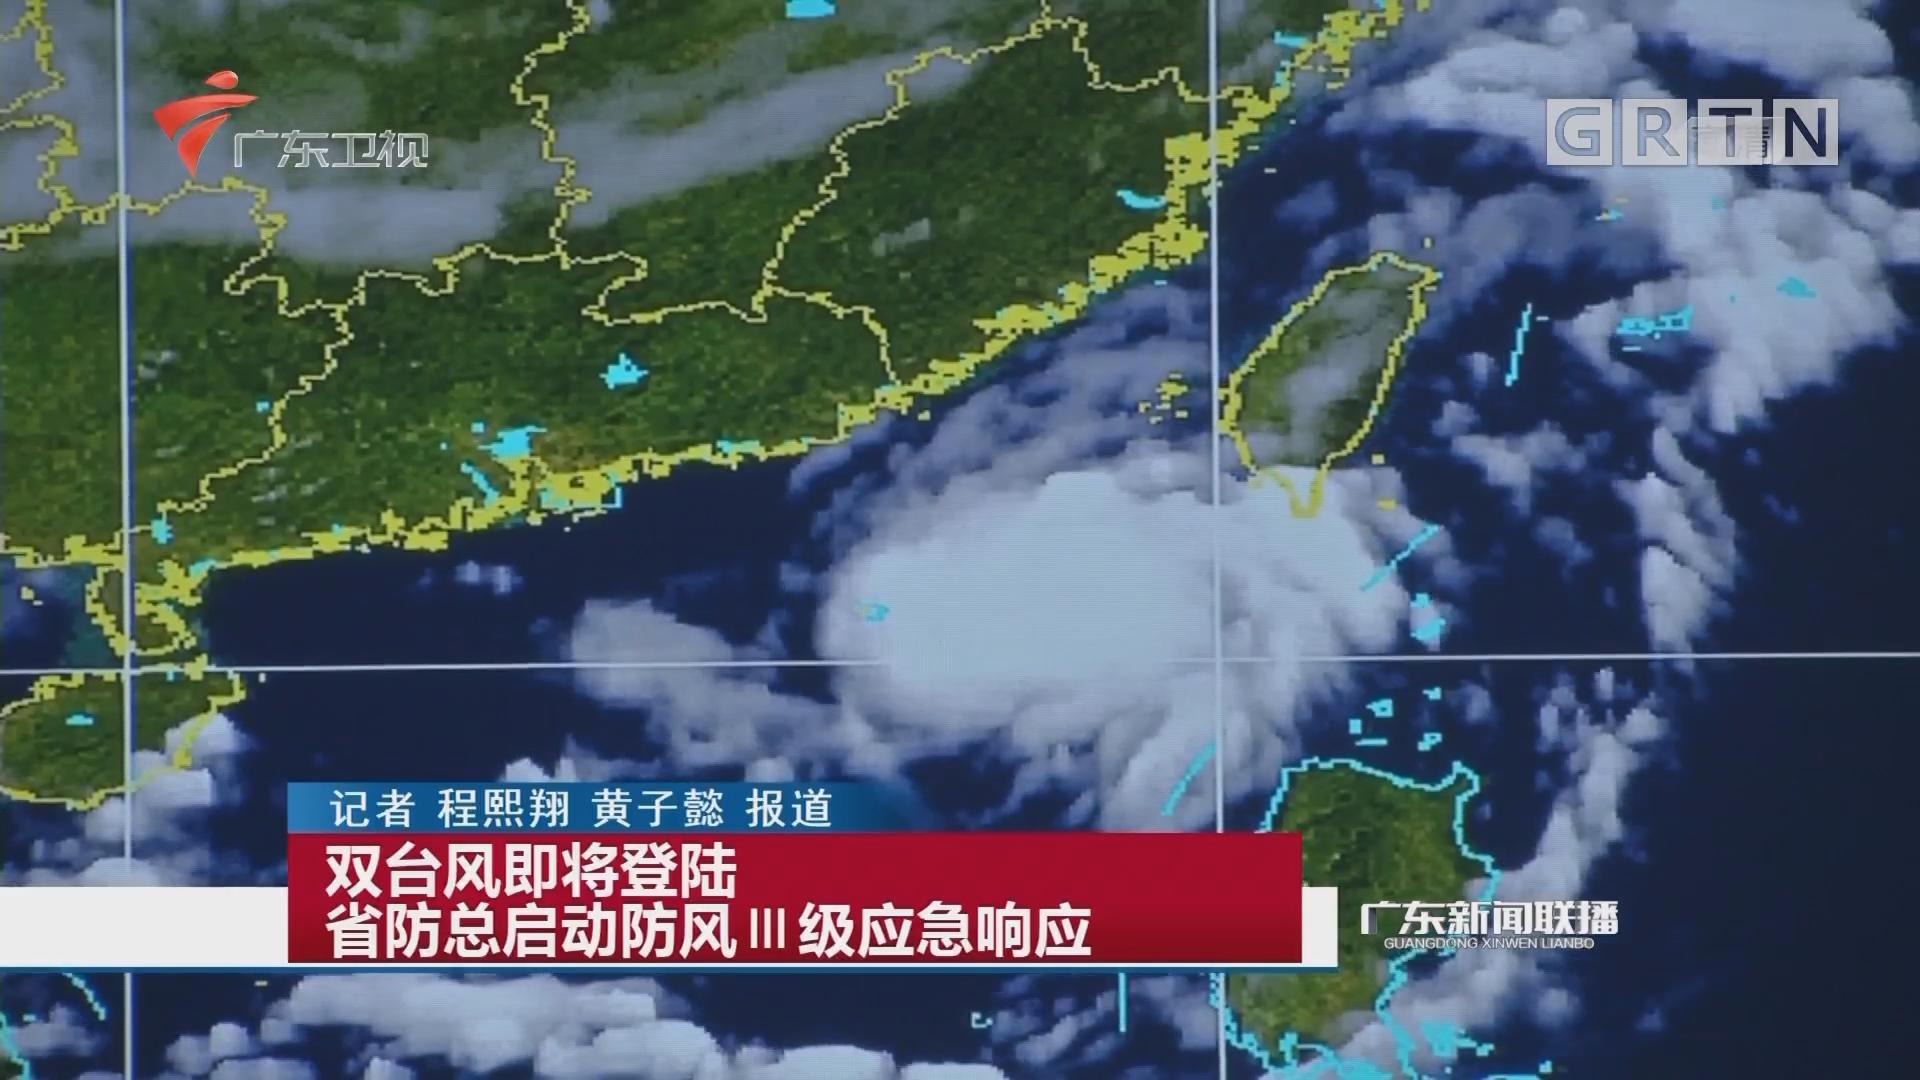 双台风即将登陆 省防总启动防风Ⅲ级应急响应